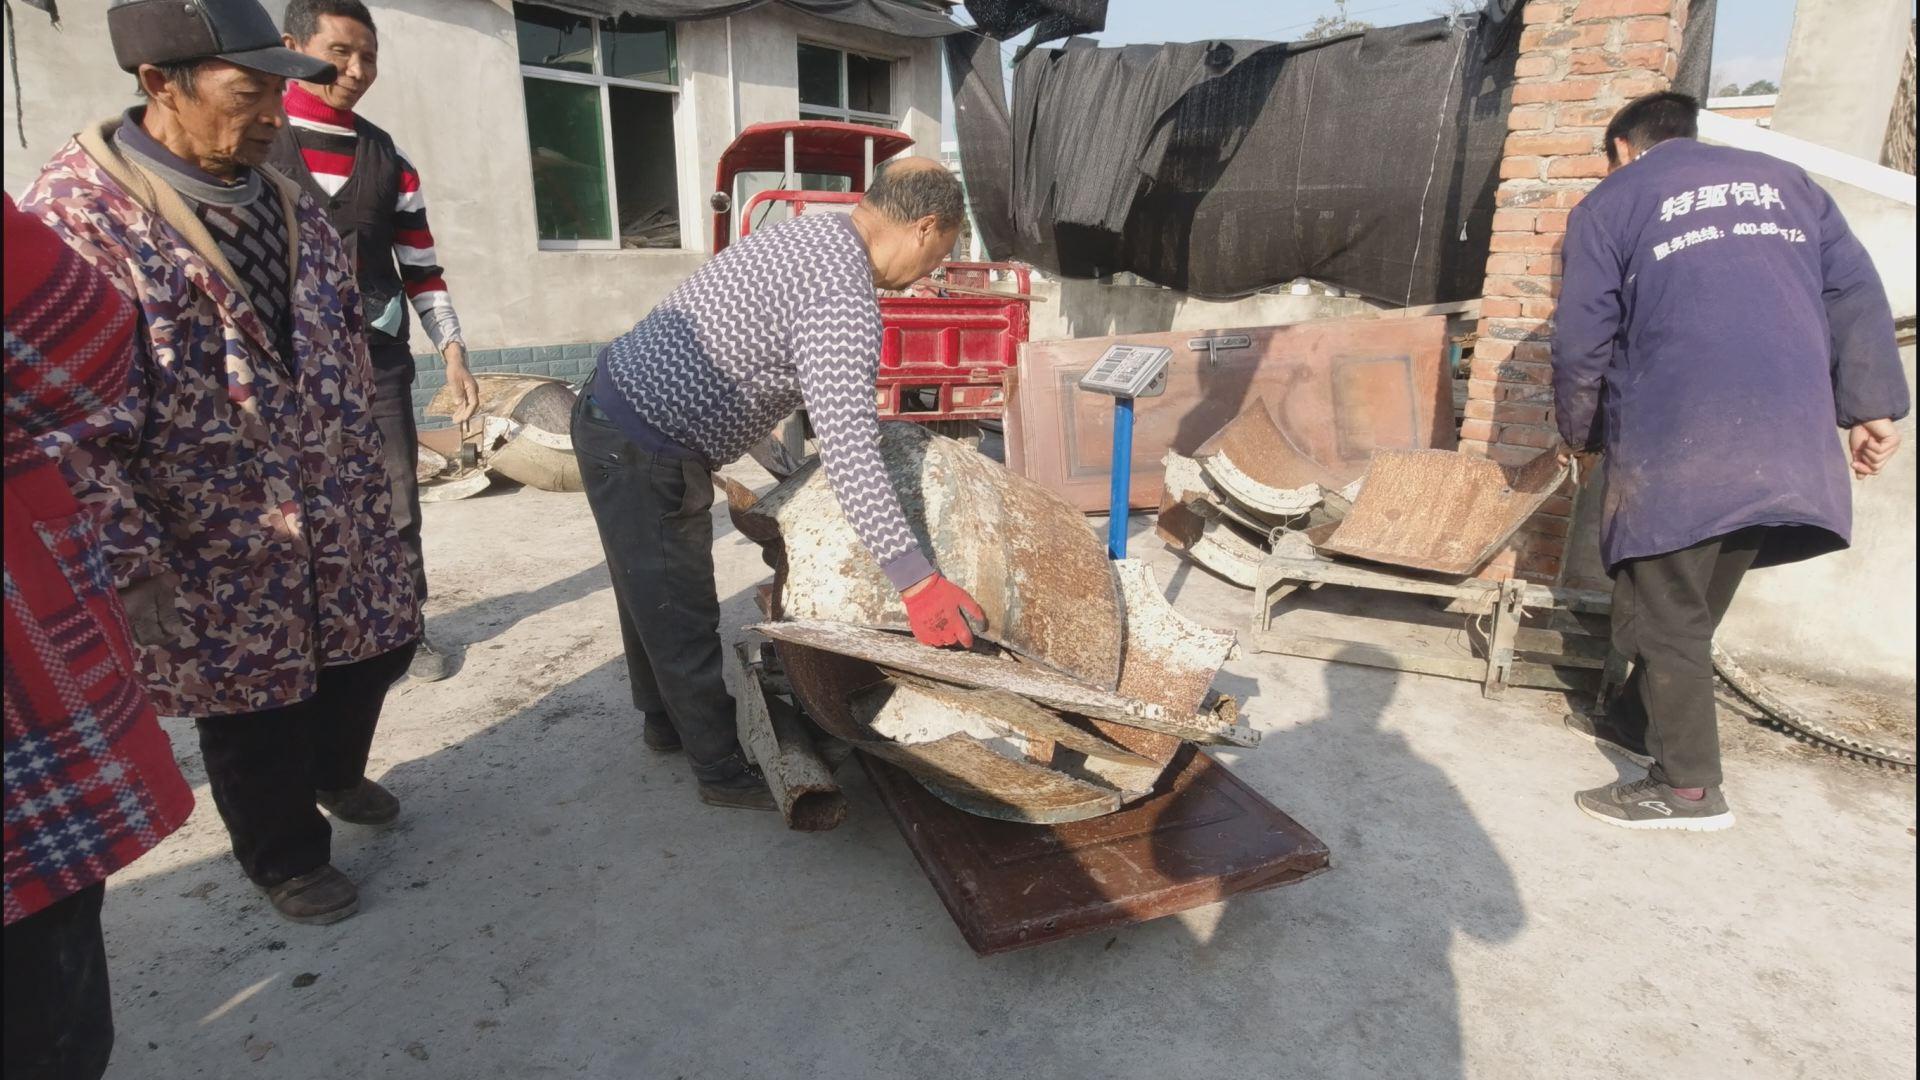 年轻帅小伙捡废品,捡铁1376斤,工作之余捡铁好几年,今天,卖了